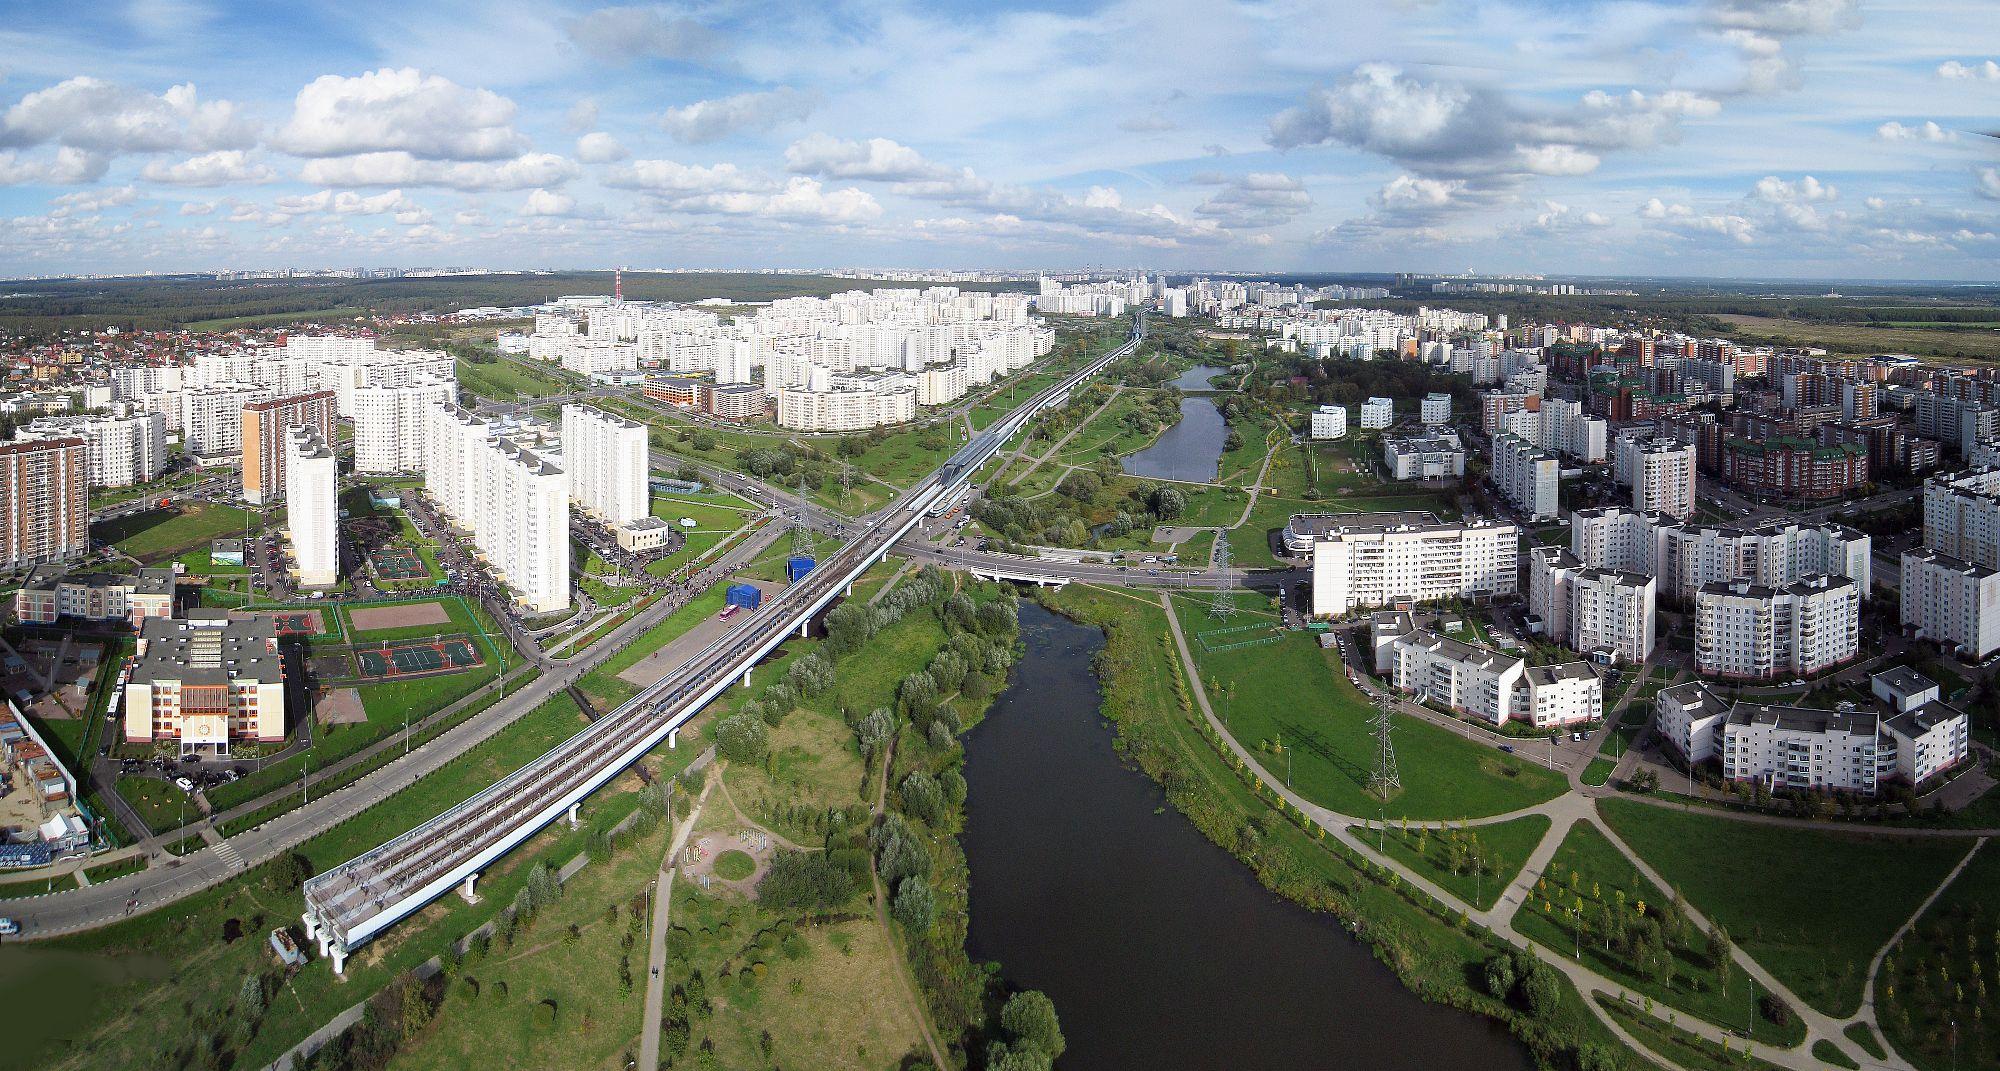 Иркутск радио слушать онлайн бесплатно и без регистрации